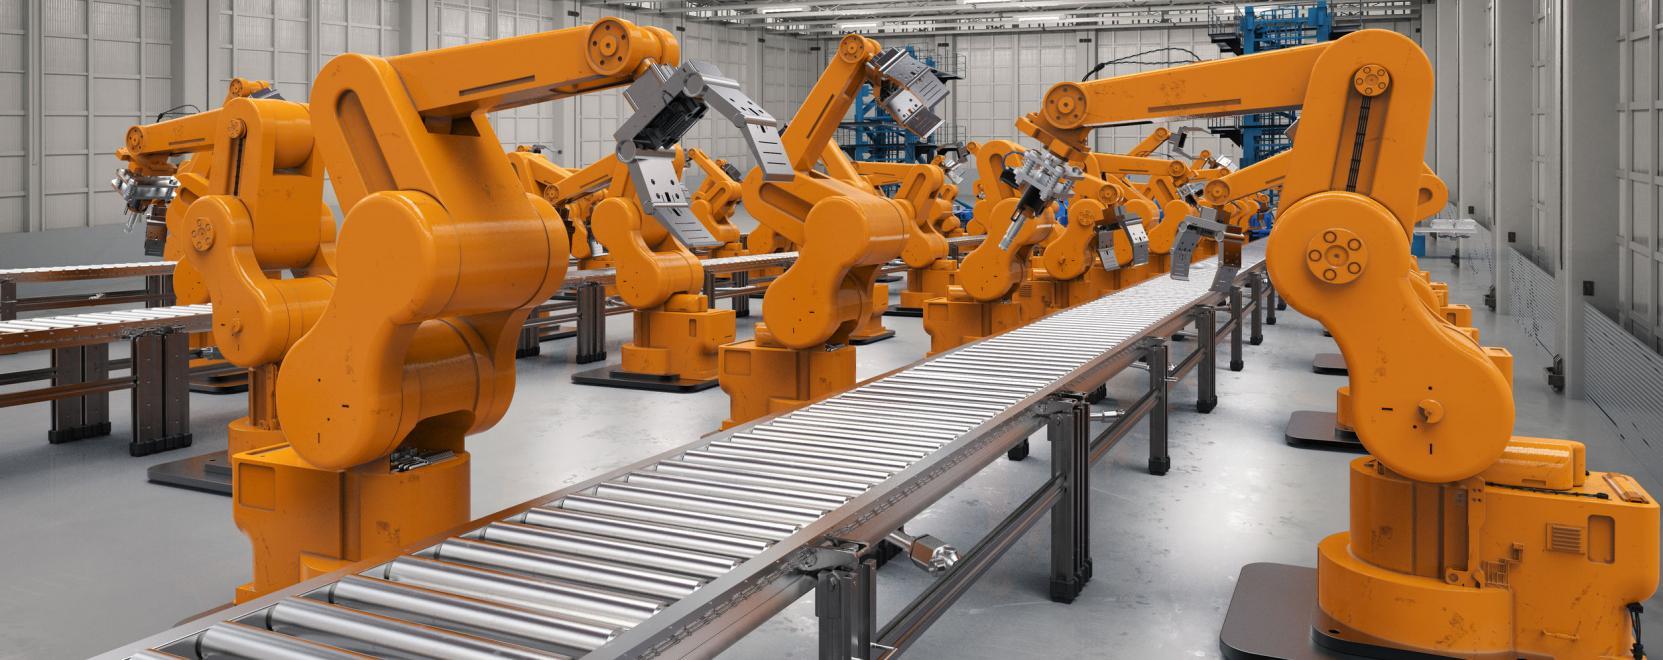 Robot beállítások forex Abi